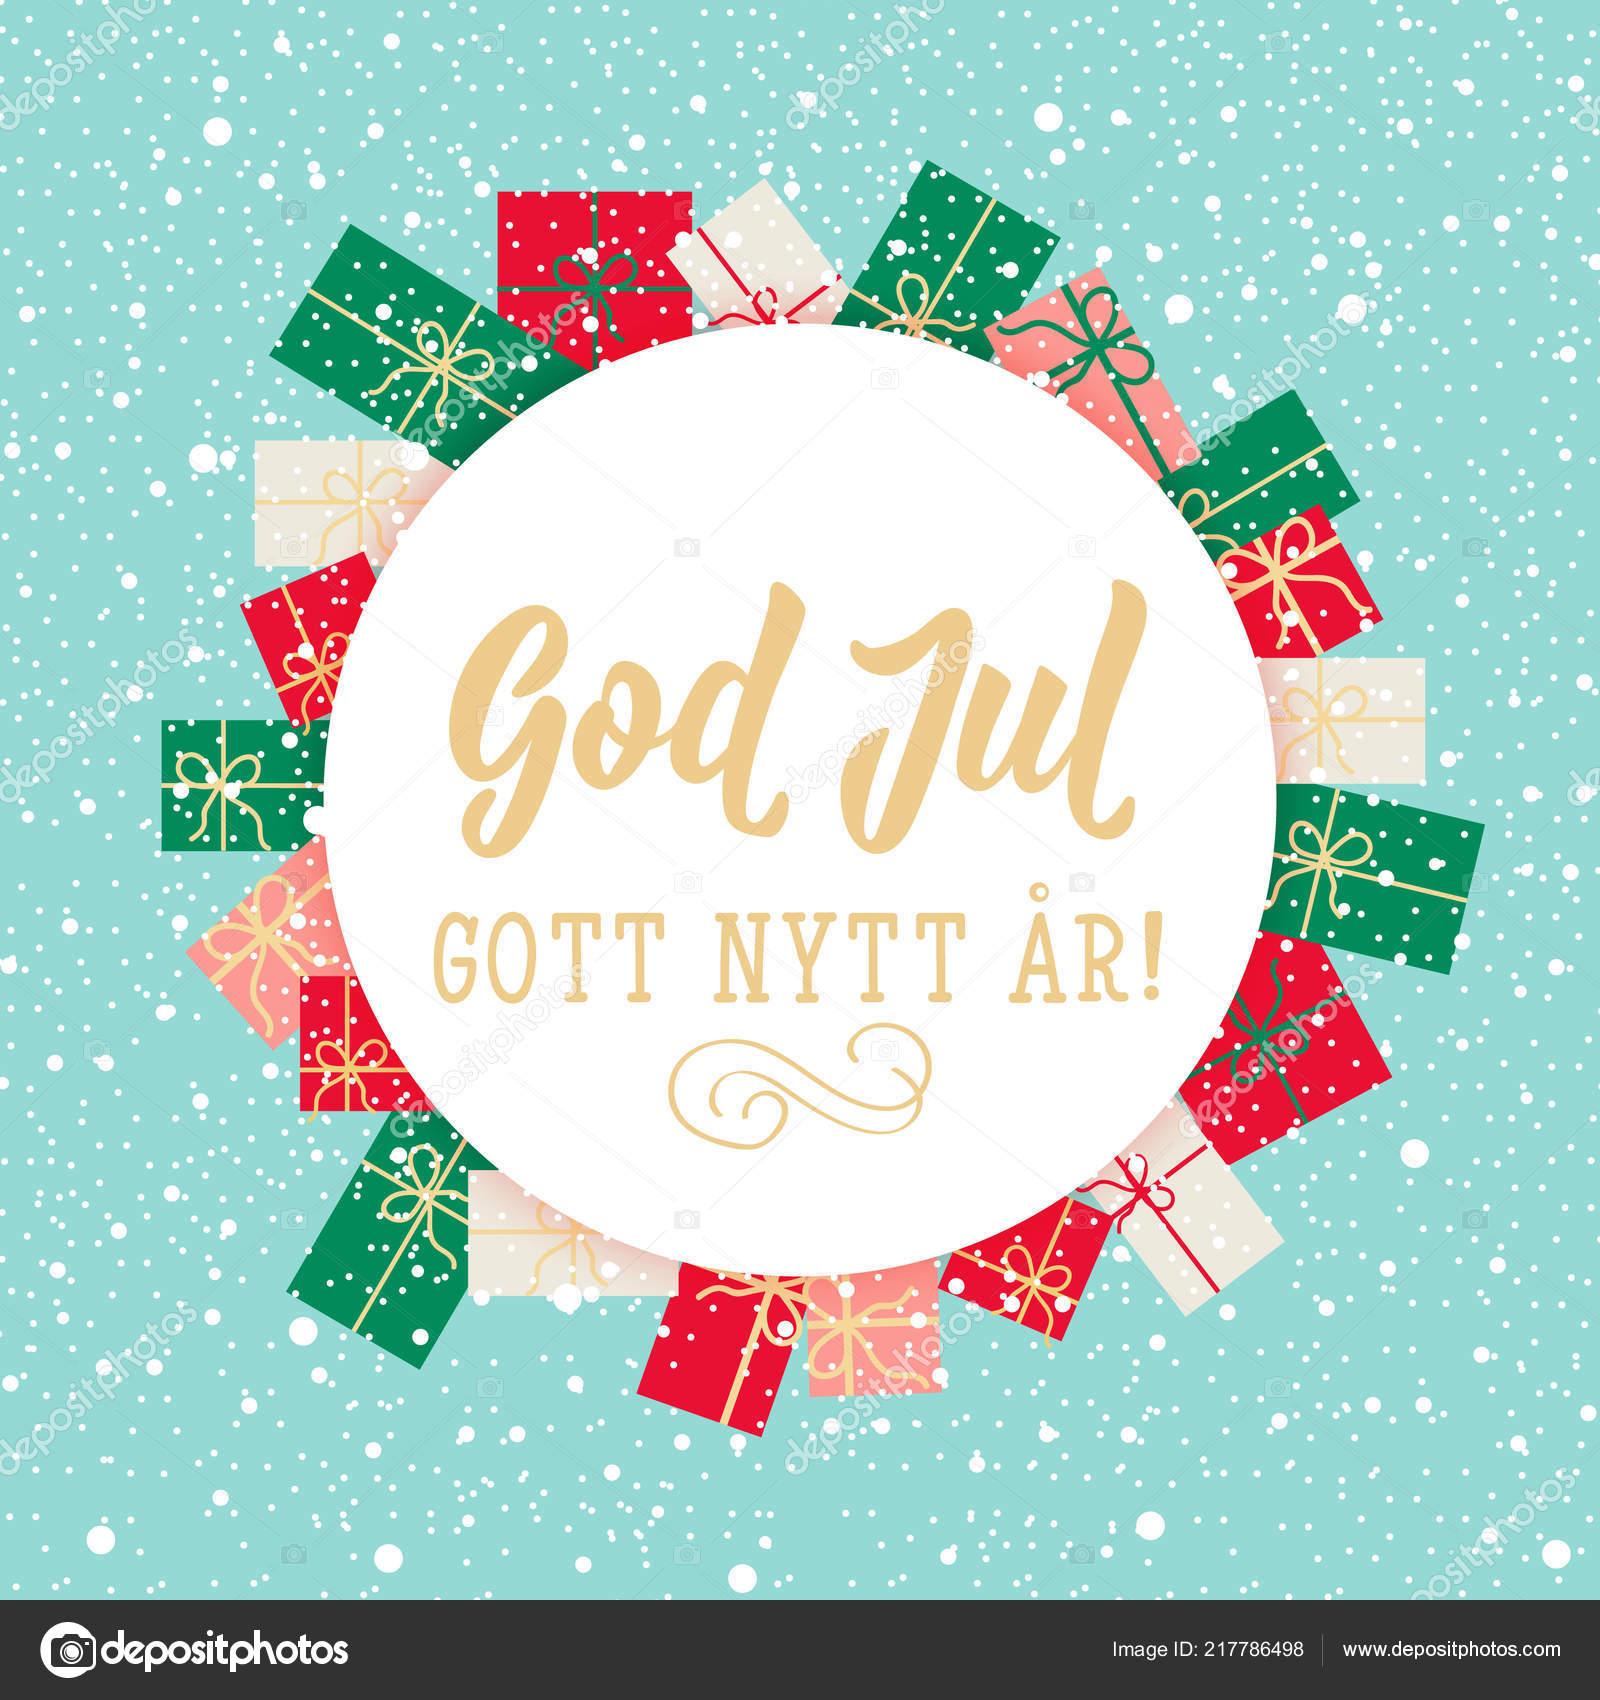 Frohe Weihnachten Schwedisch.Weihnachtskarte Schwedische Text Frohe Weihnachten Frohes